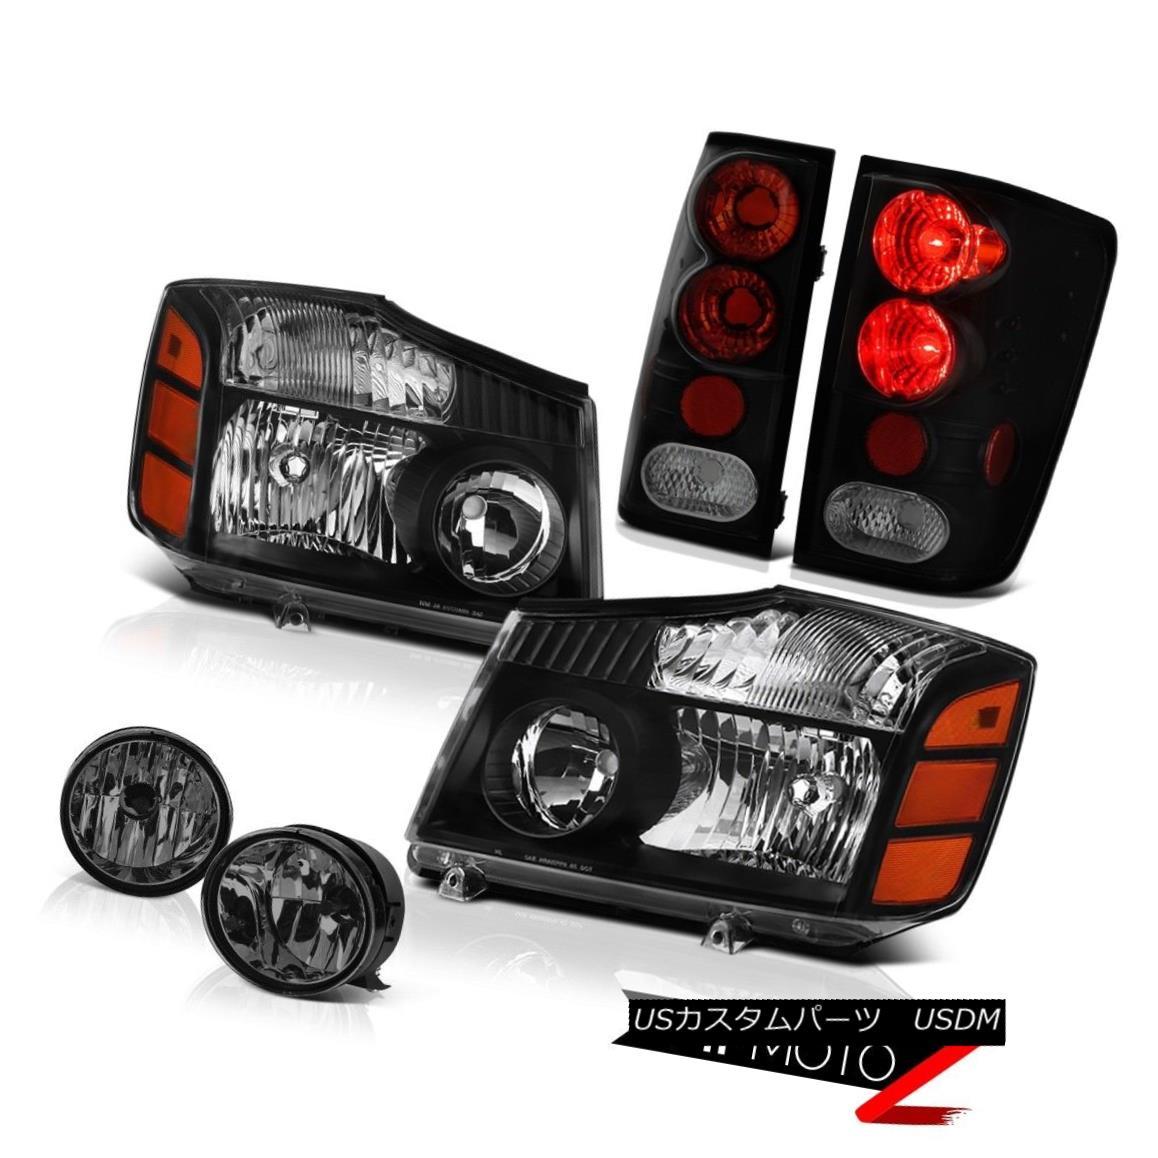 ヘッドライト For 2004-2015 Titan LE Black Diamond Headlight Smoke+Black Taillight Bumper Fog 2004年?2015年Titan LEブラックダイヤモンドヘッドライトスモーク+ブラックテールライトバンパーフォグ